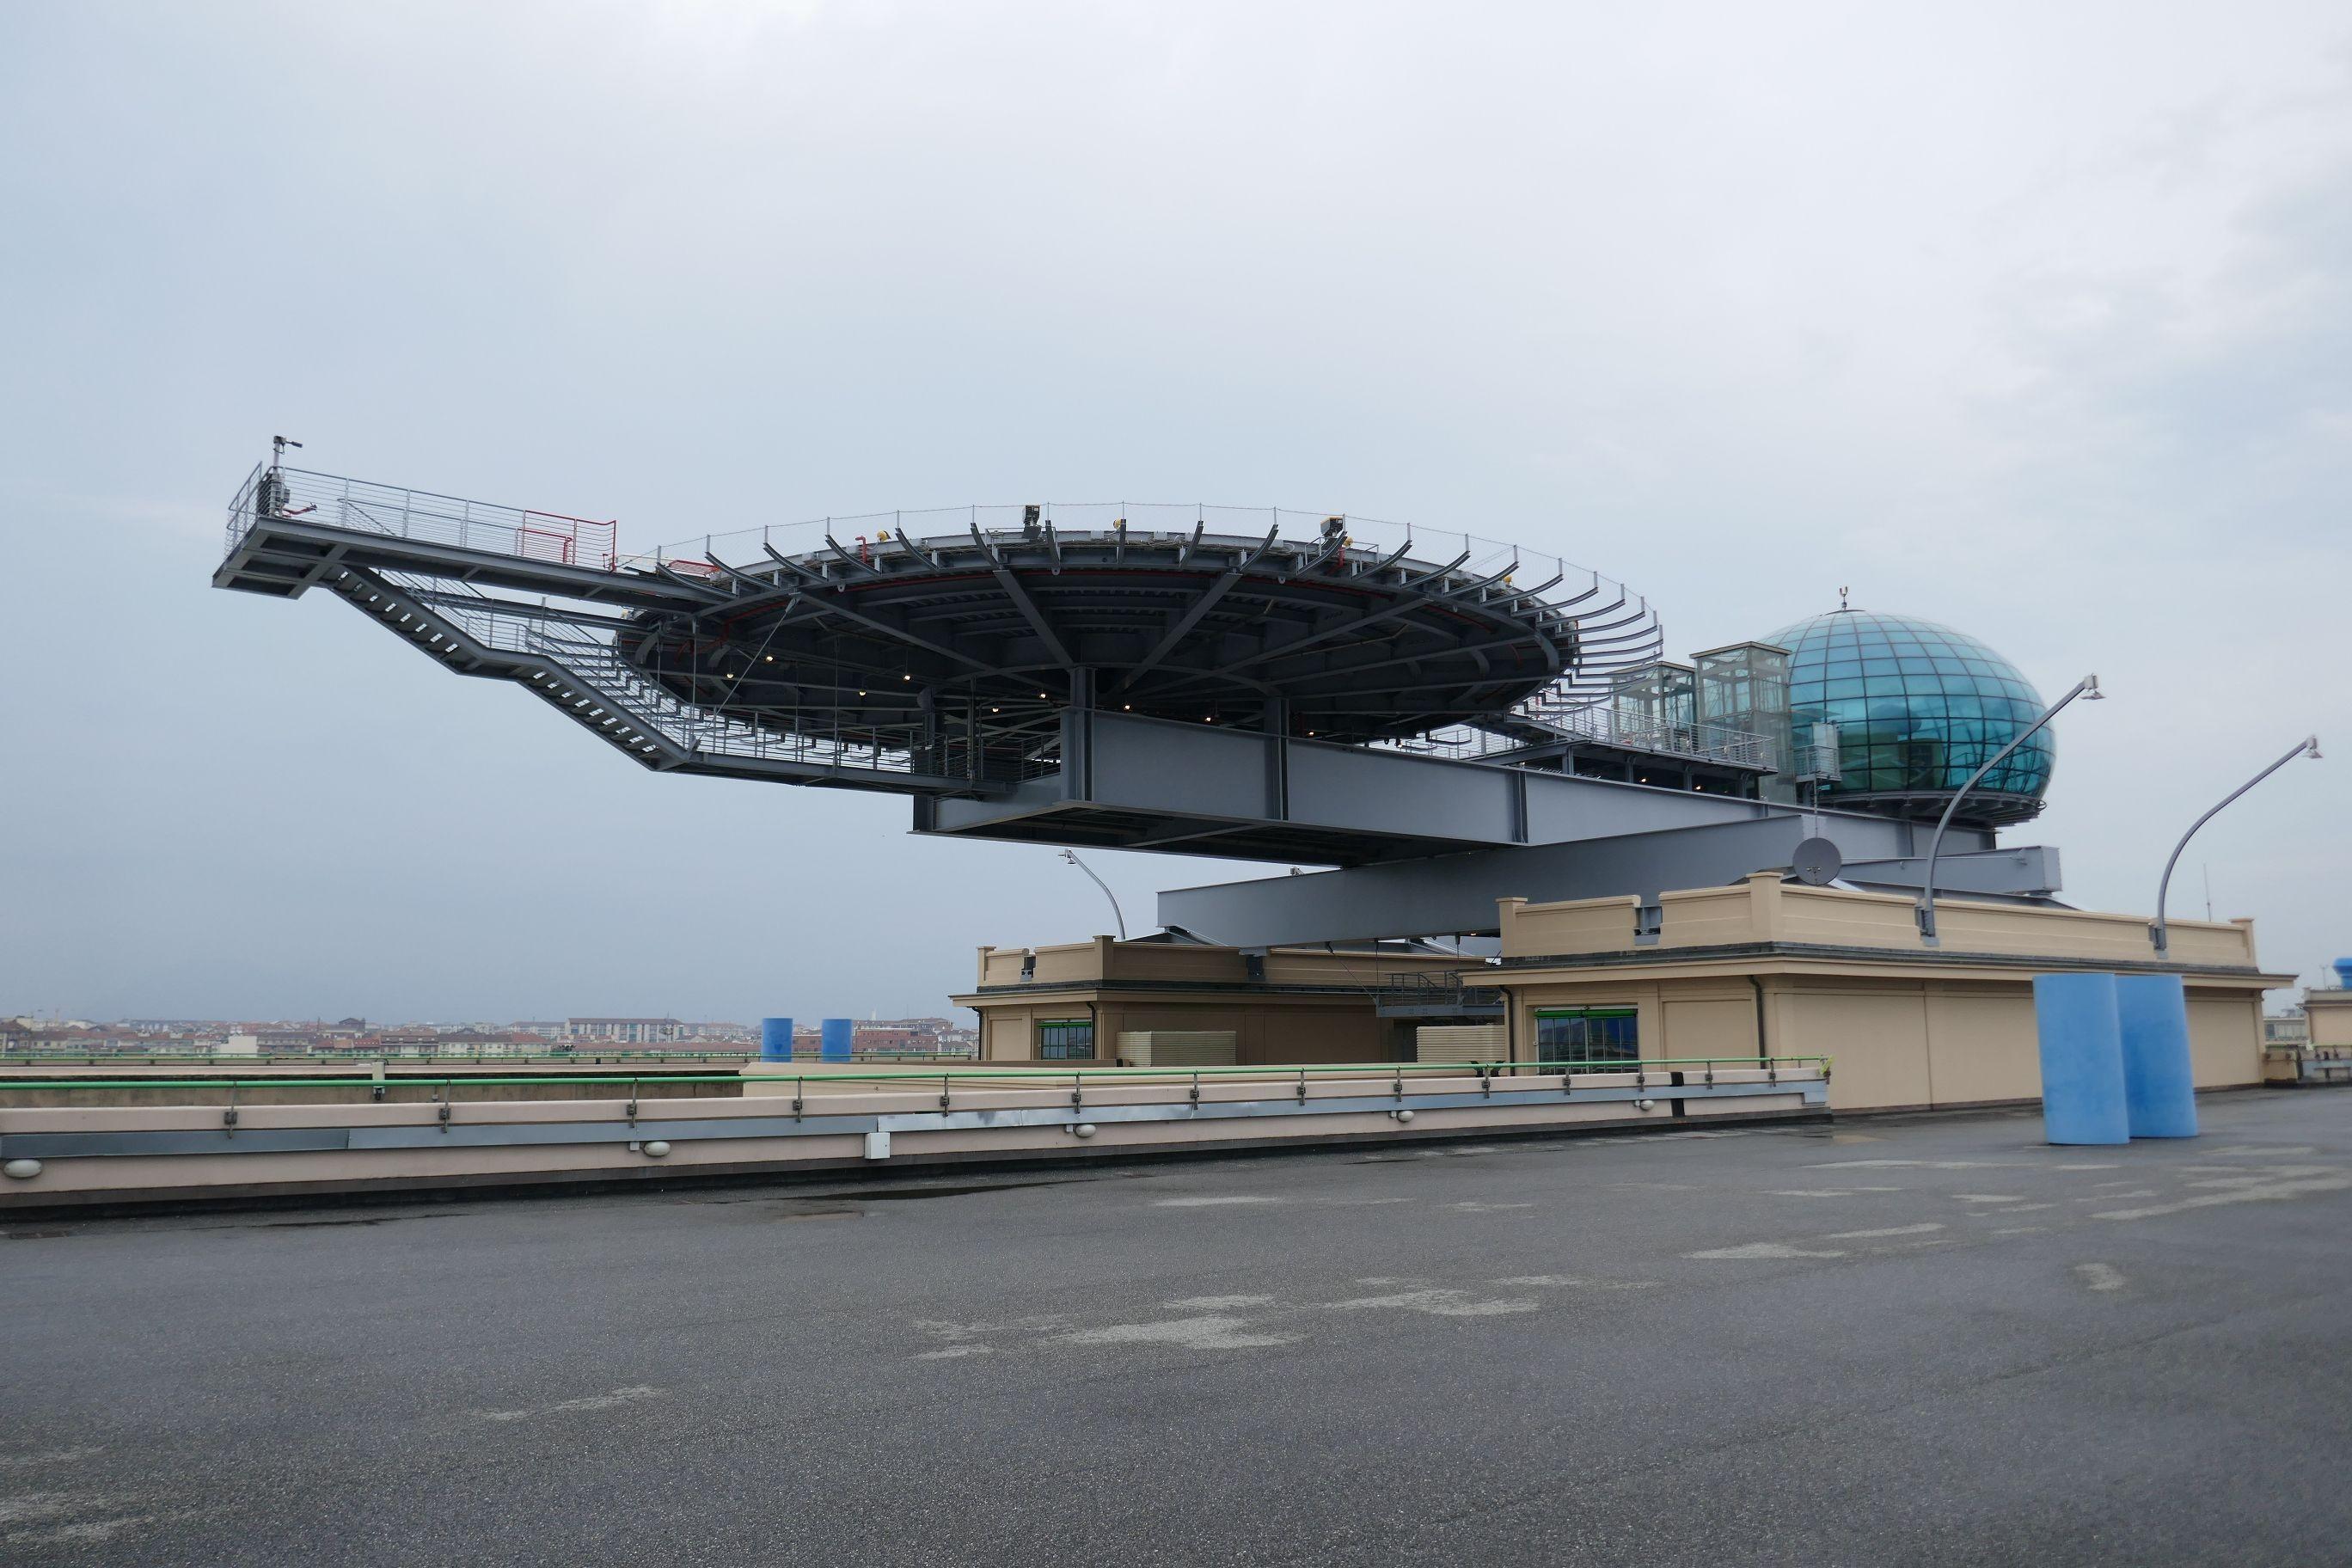 Der Helikopterlandeplatz mit Direktzugang zum runden, gläsernen Konferenzraum auf dem Dach wurde von Architekt Renzo Piano nachträglich dem Fabrikgebäude aufgesetzt.